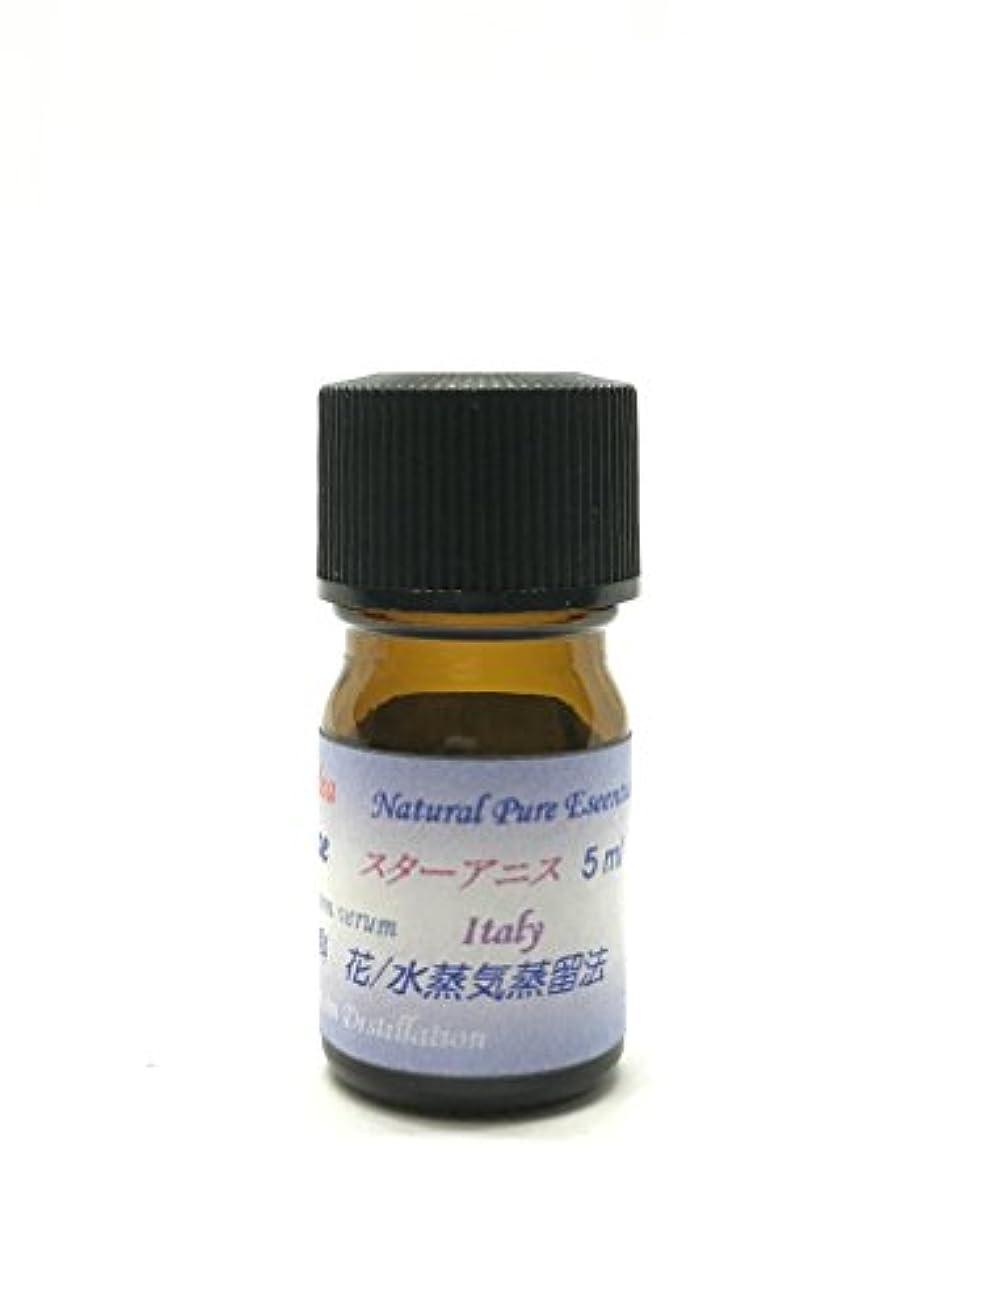 疎外略語スプーンアニシードエッセンシャルオイル精油 ピュアエッセンシャルオイル (30ml)